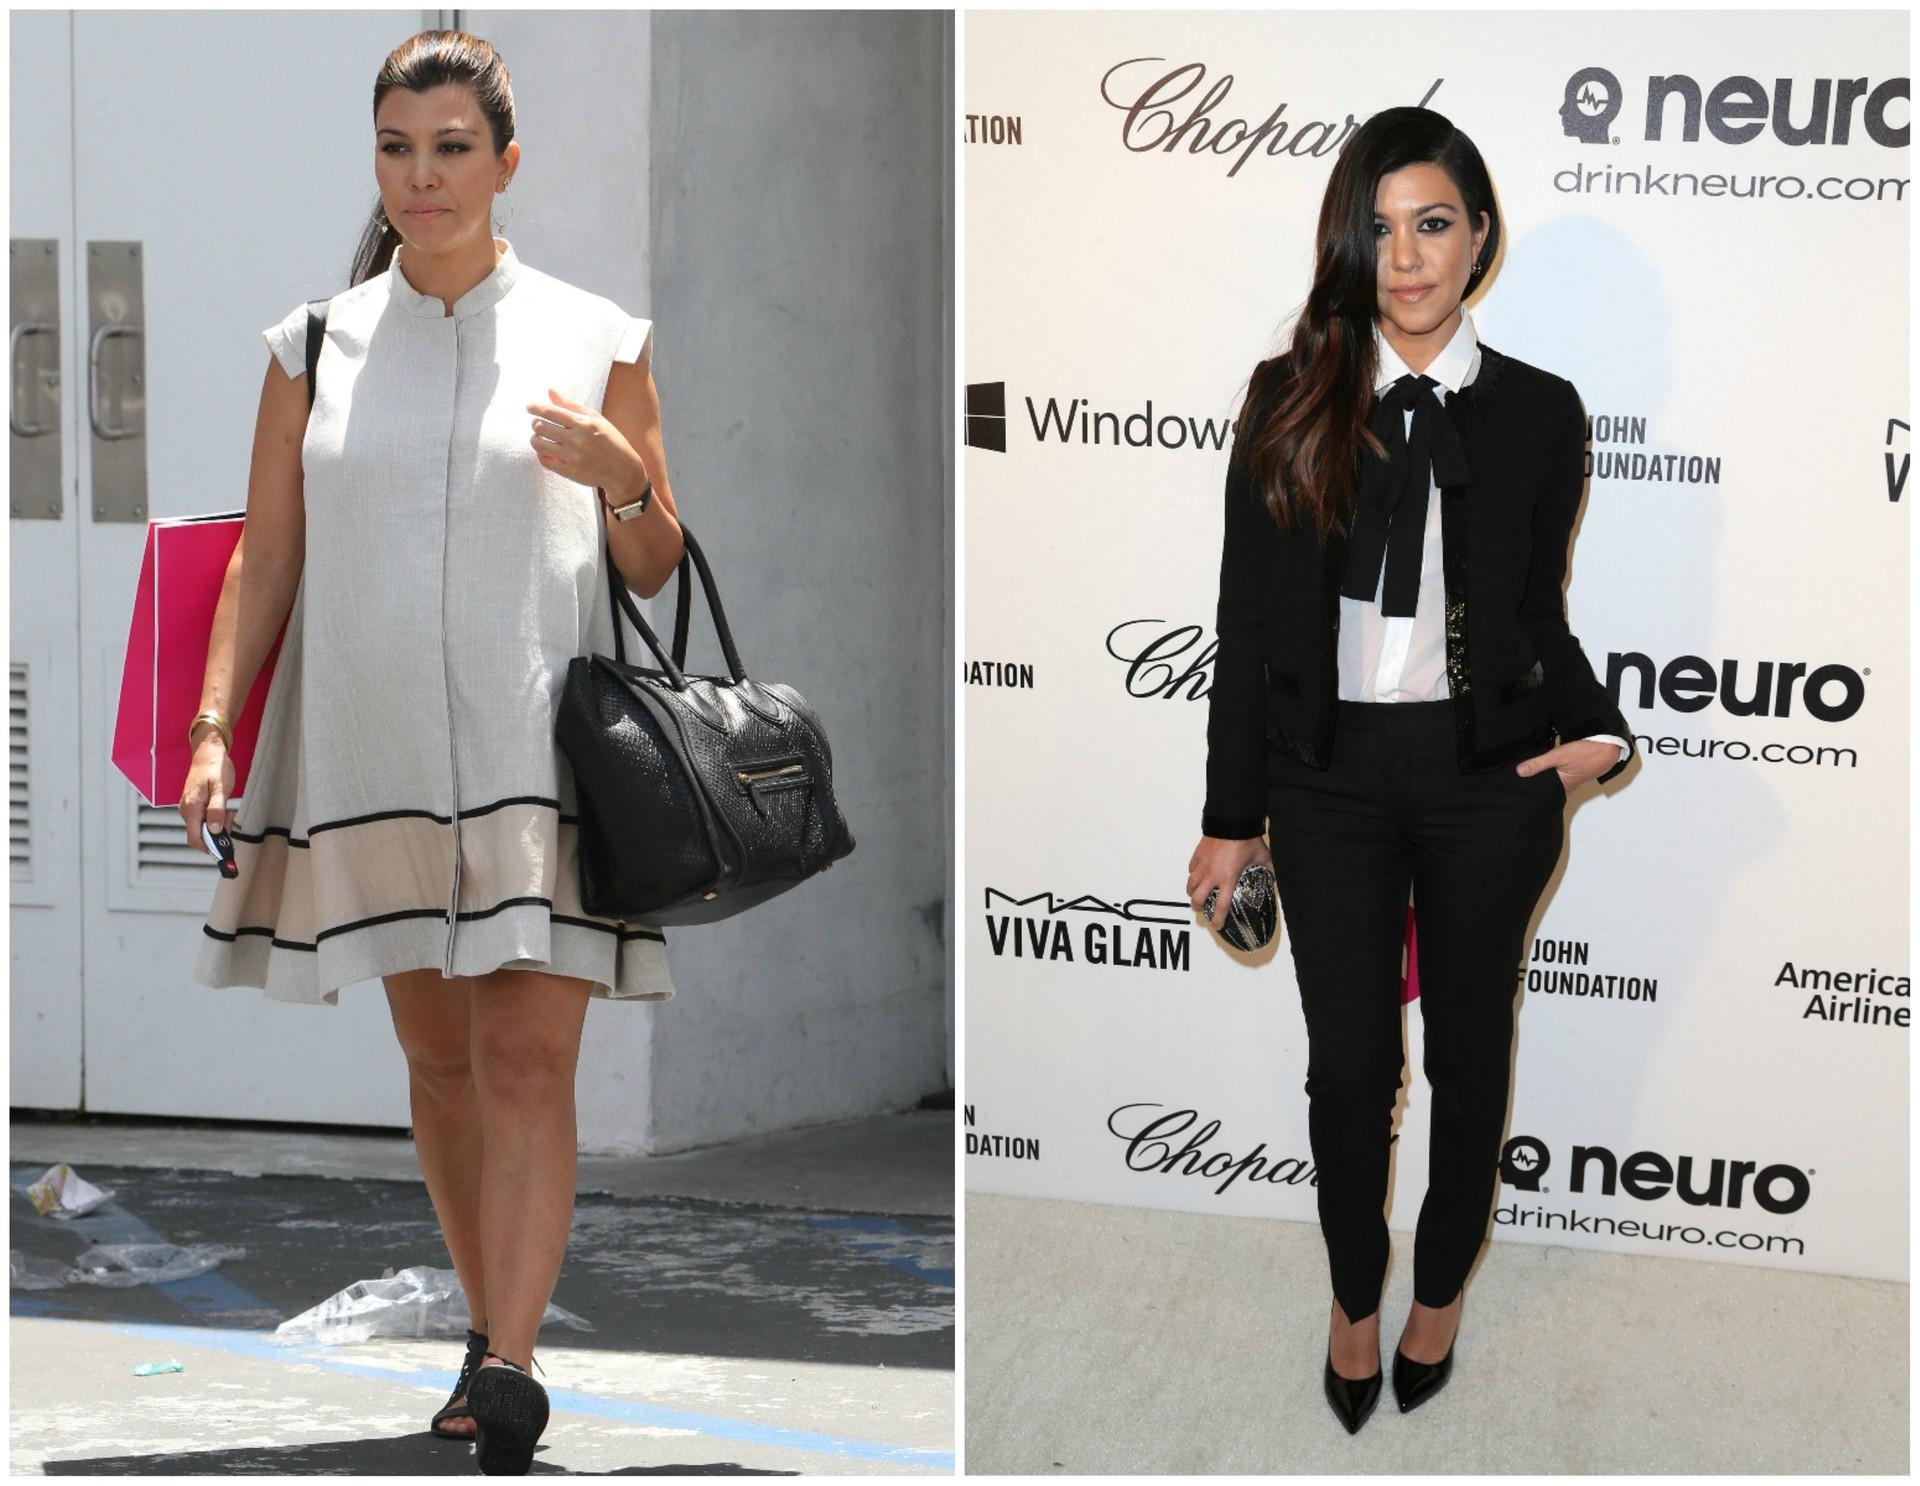 Kourtney Kardashian em maio de 2012 (à esq.) e em março de 2014. Ela deu à luz Penelope em julho de 2012. (Foto: Getty Images)